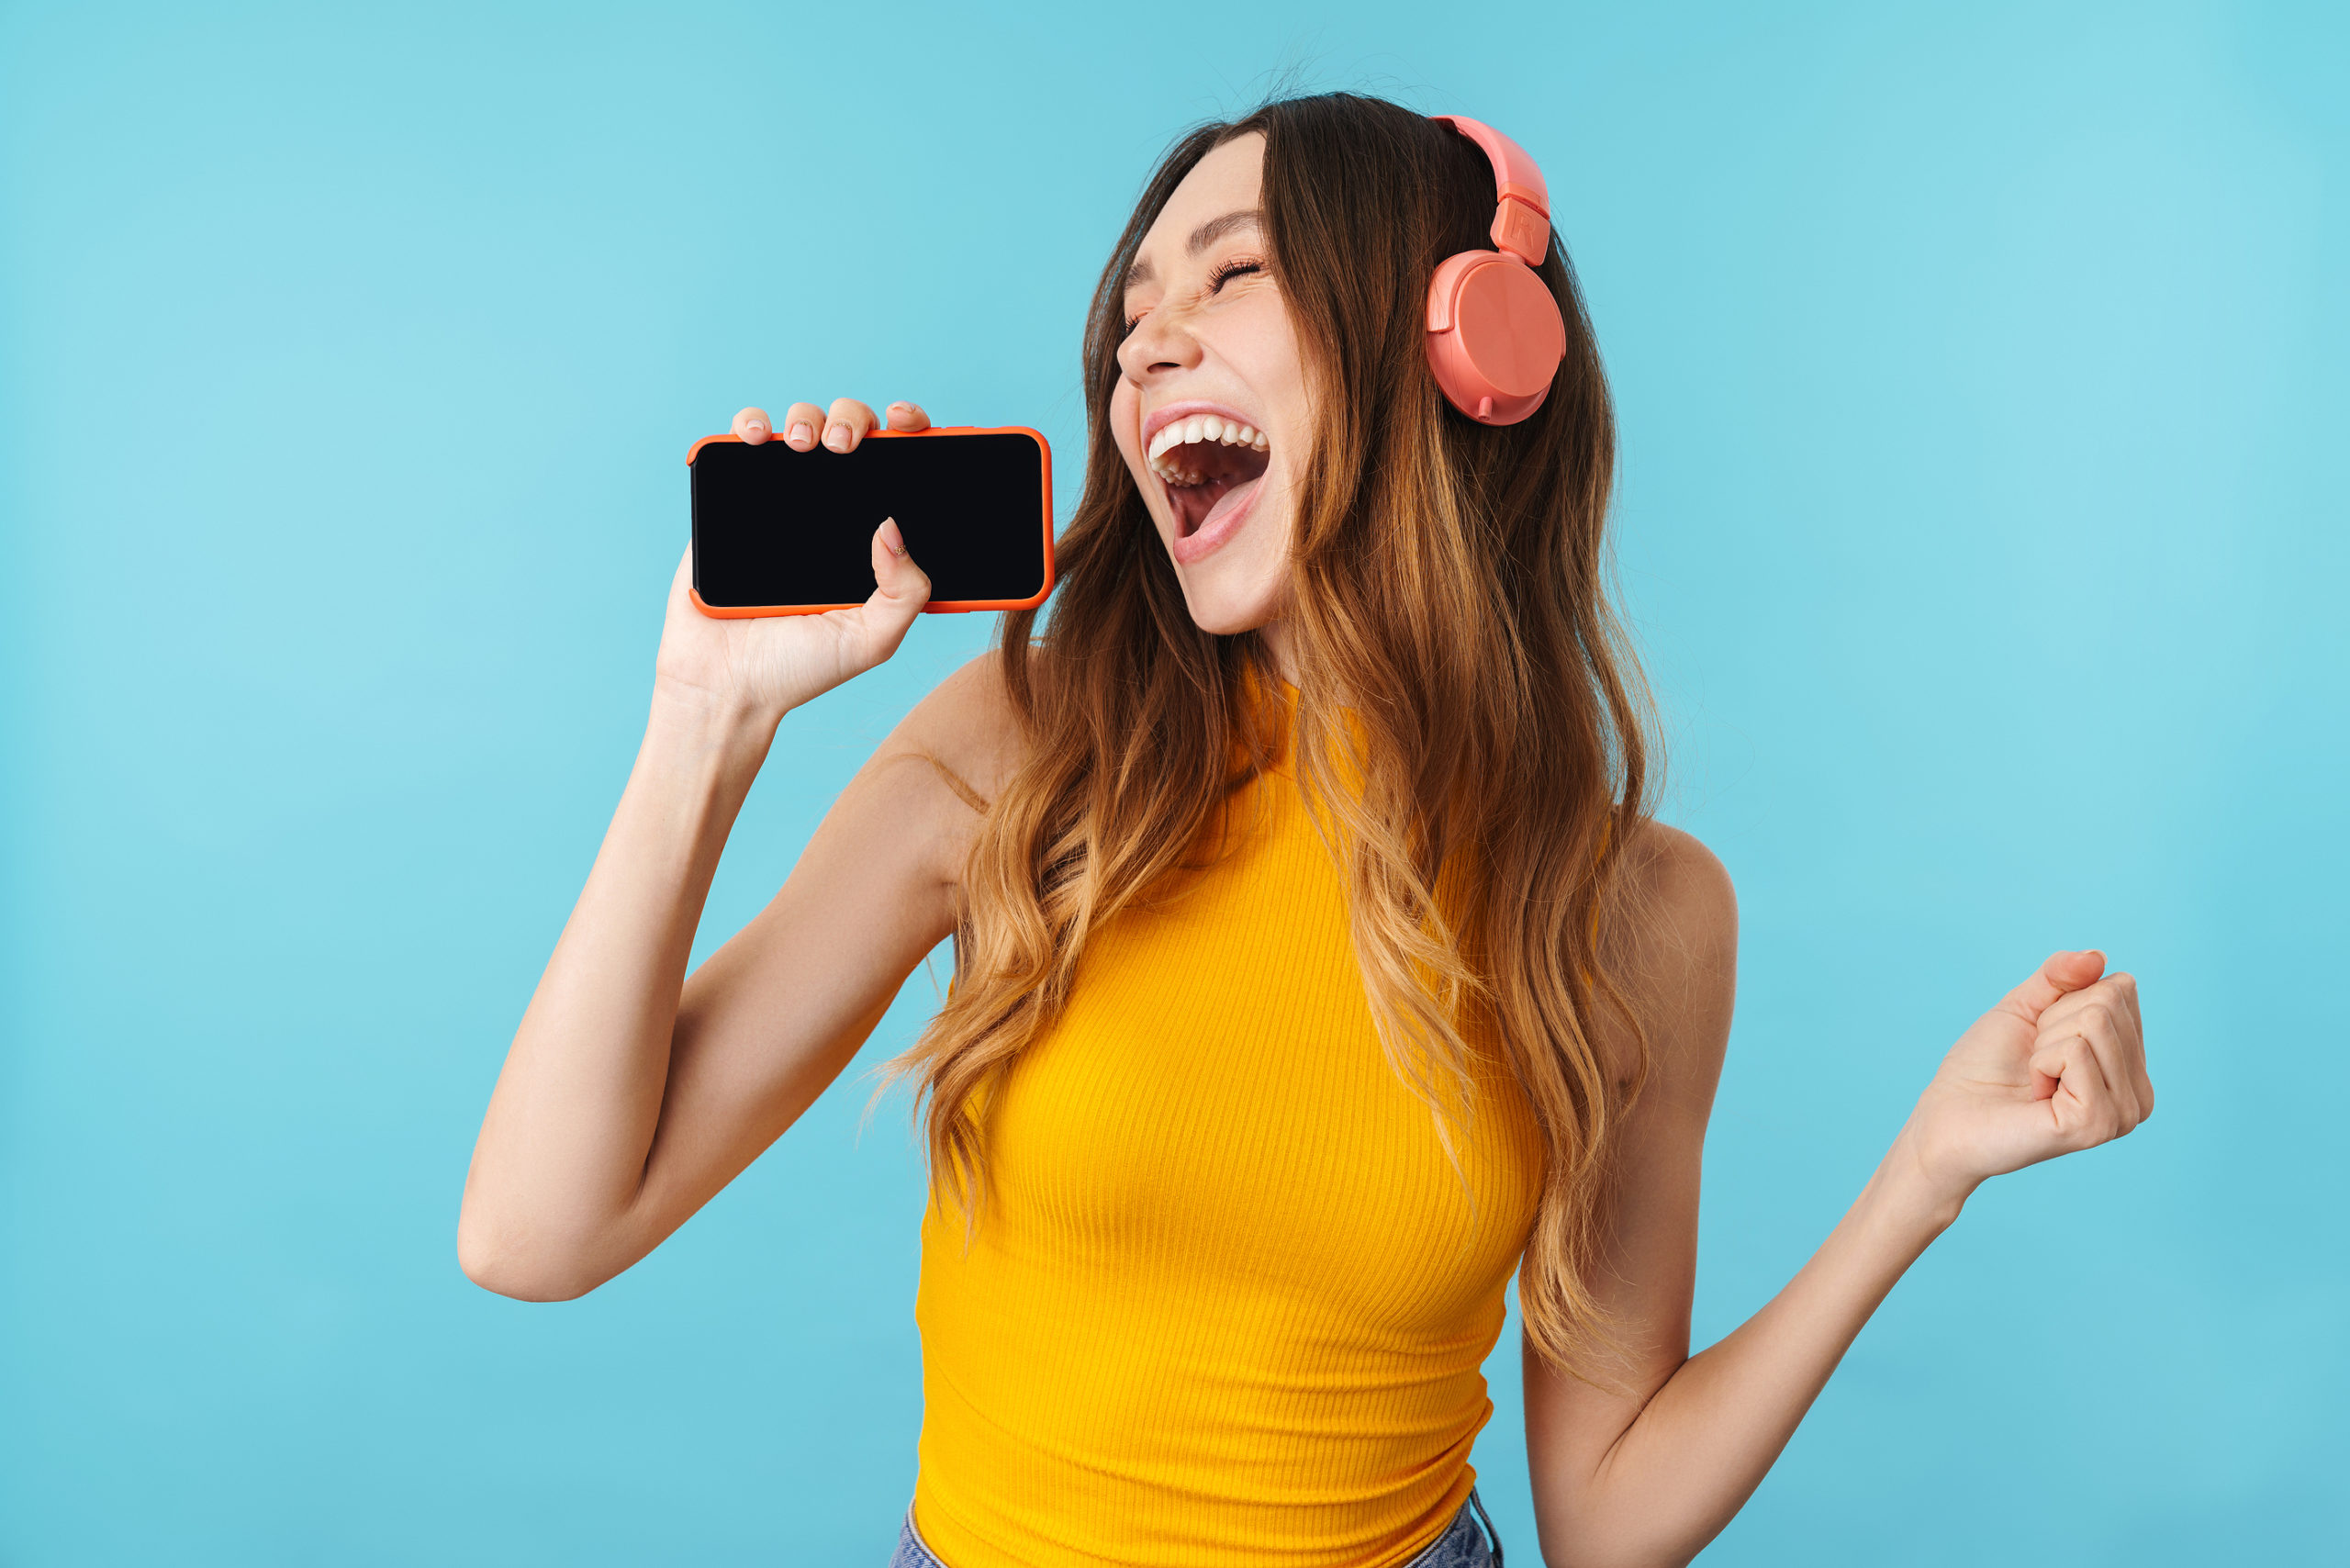 Música-cantar-app-canción